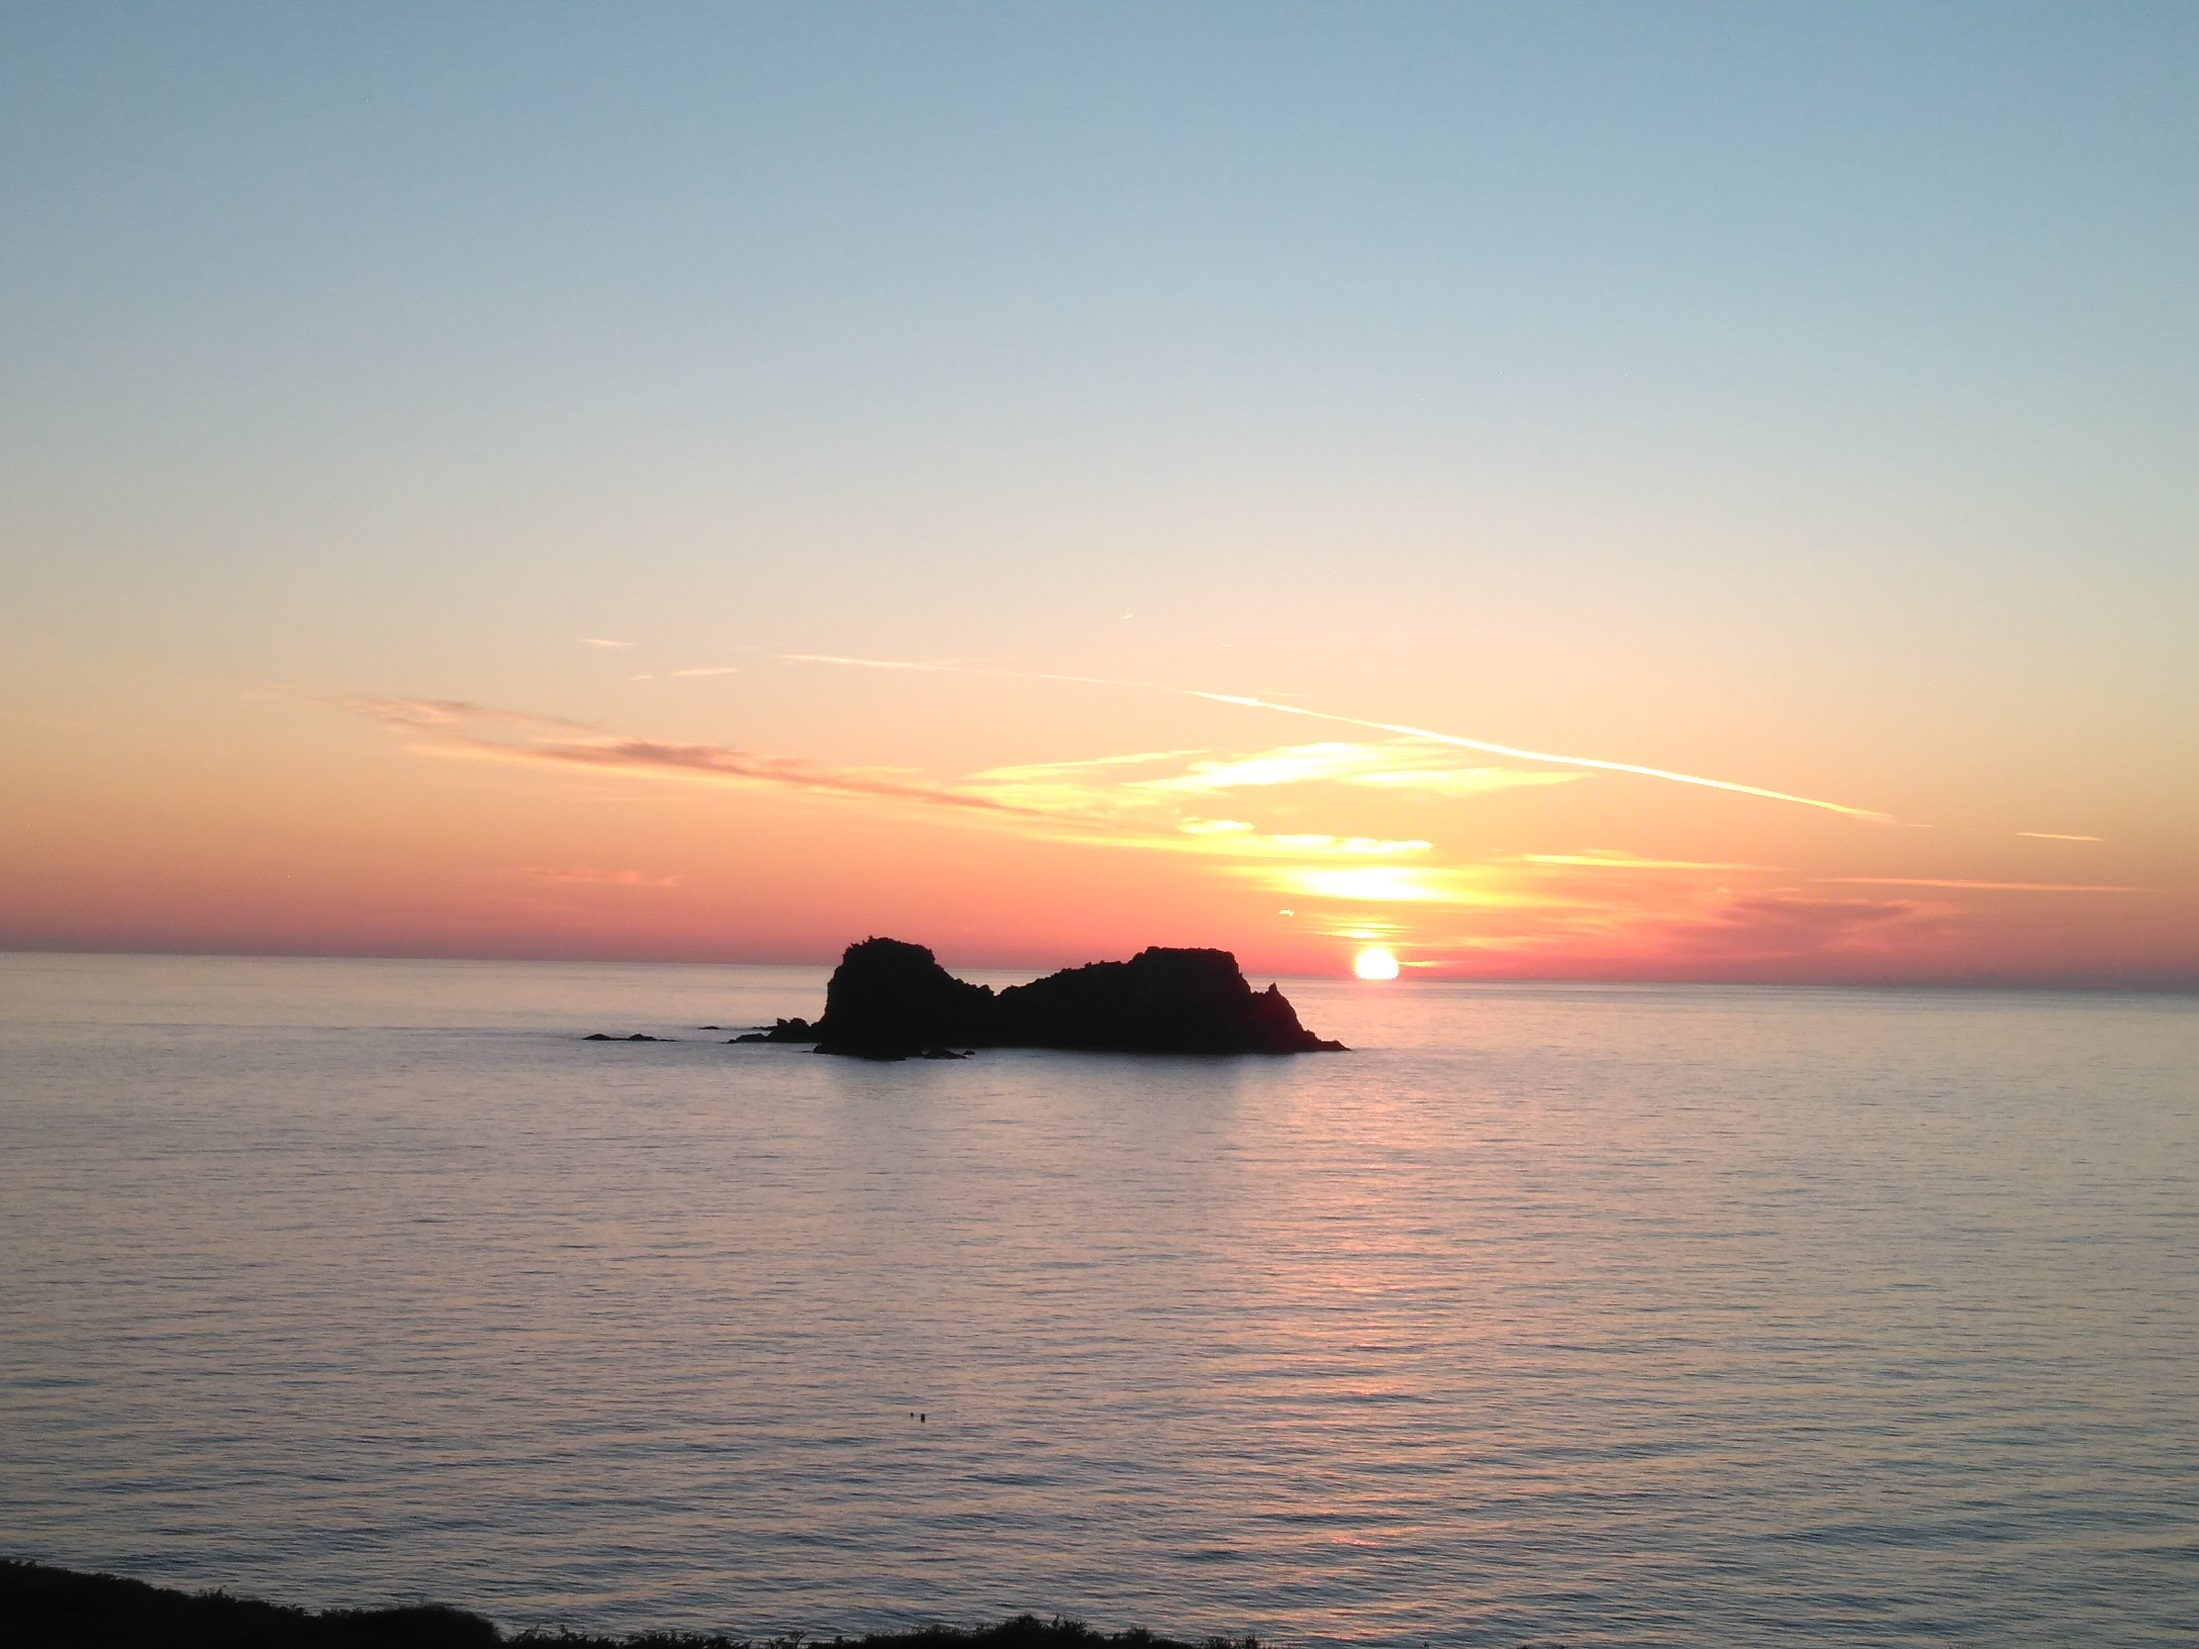 La Reserva Natural de les Illes Columbretes es un espacio protegido marítimo terrestre situado a 30 millas de la costa de Castellón. Imagen: GV